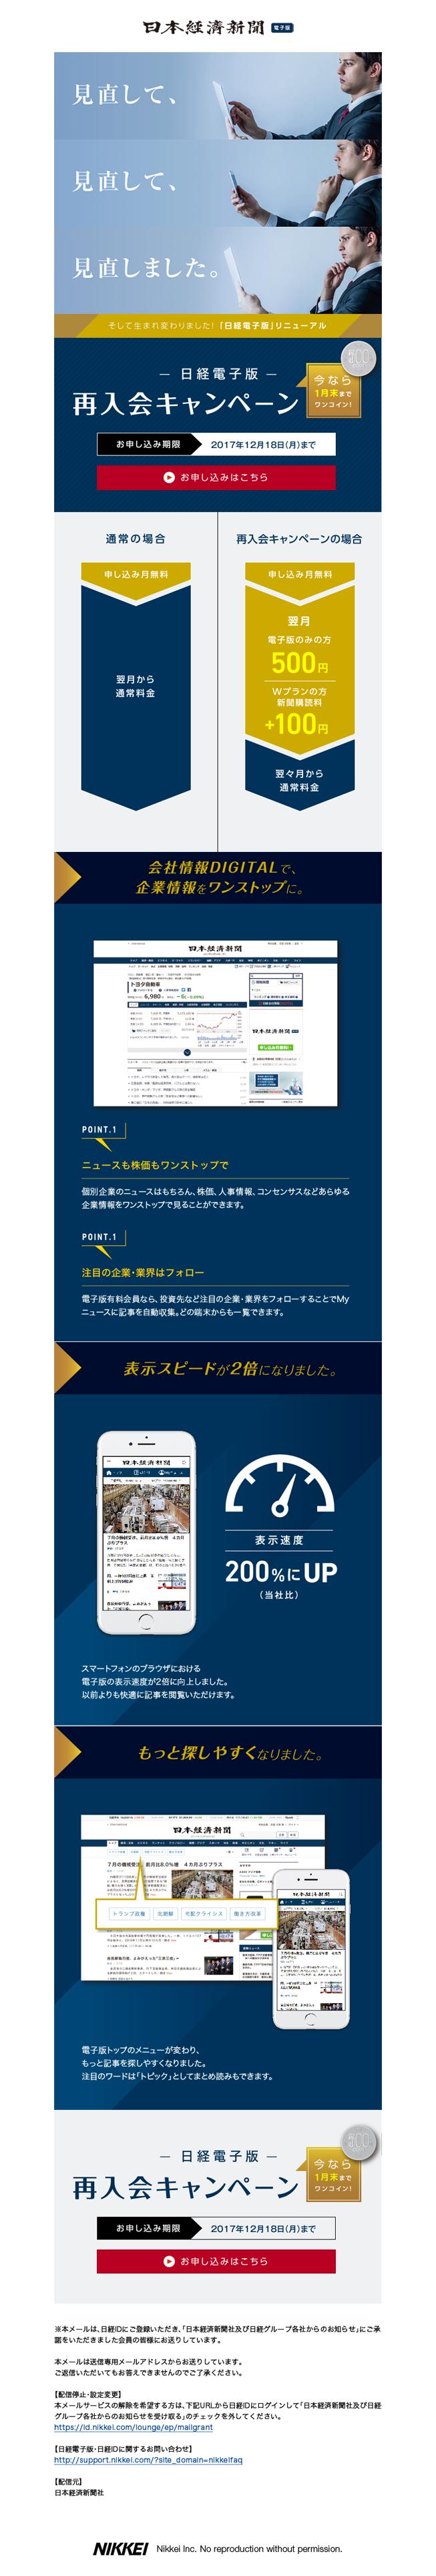 日経新聞社・電子版キャンペーンウェブサイト・ランディングページ・LP・出版社・ウェブサイト・特設サイトのデザイン制作実績